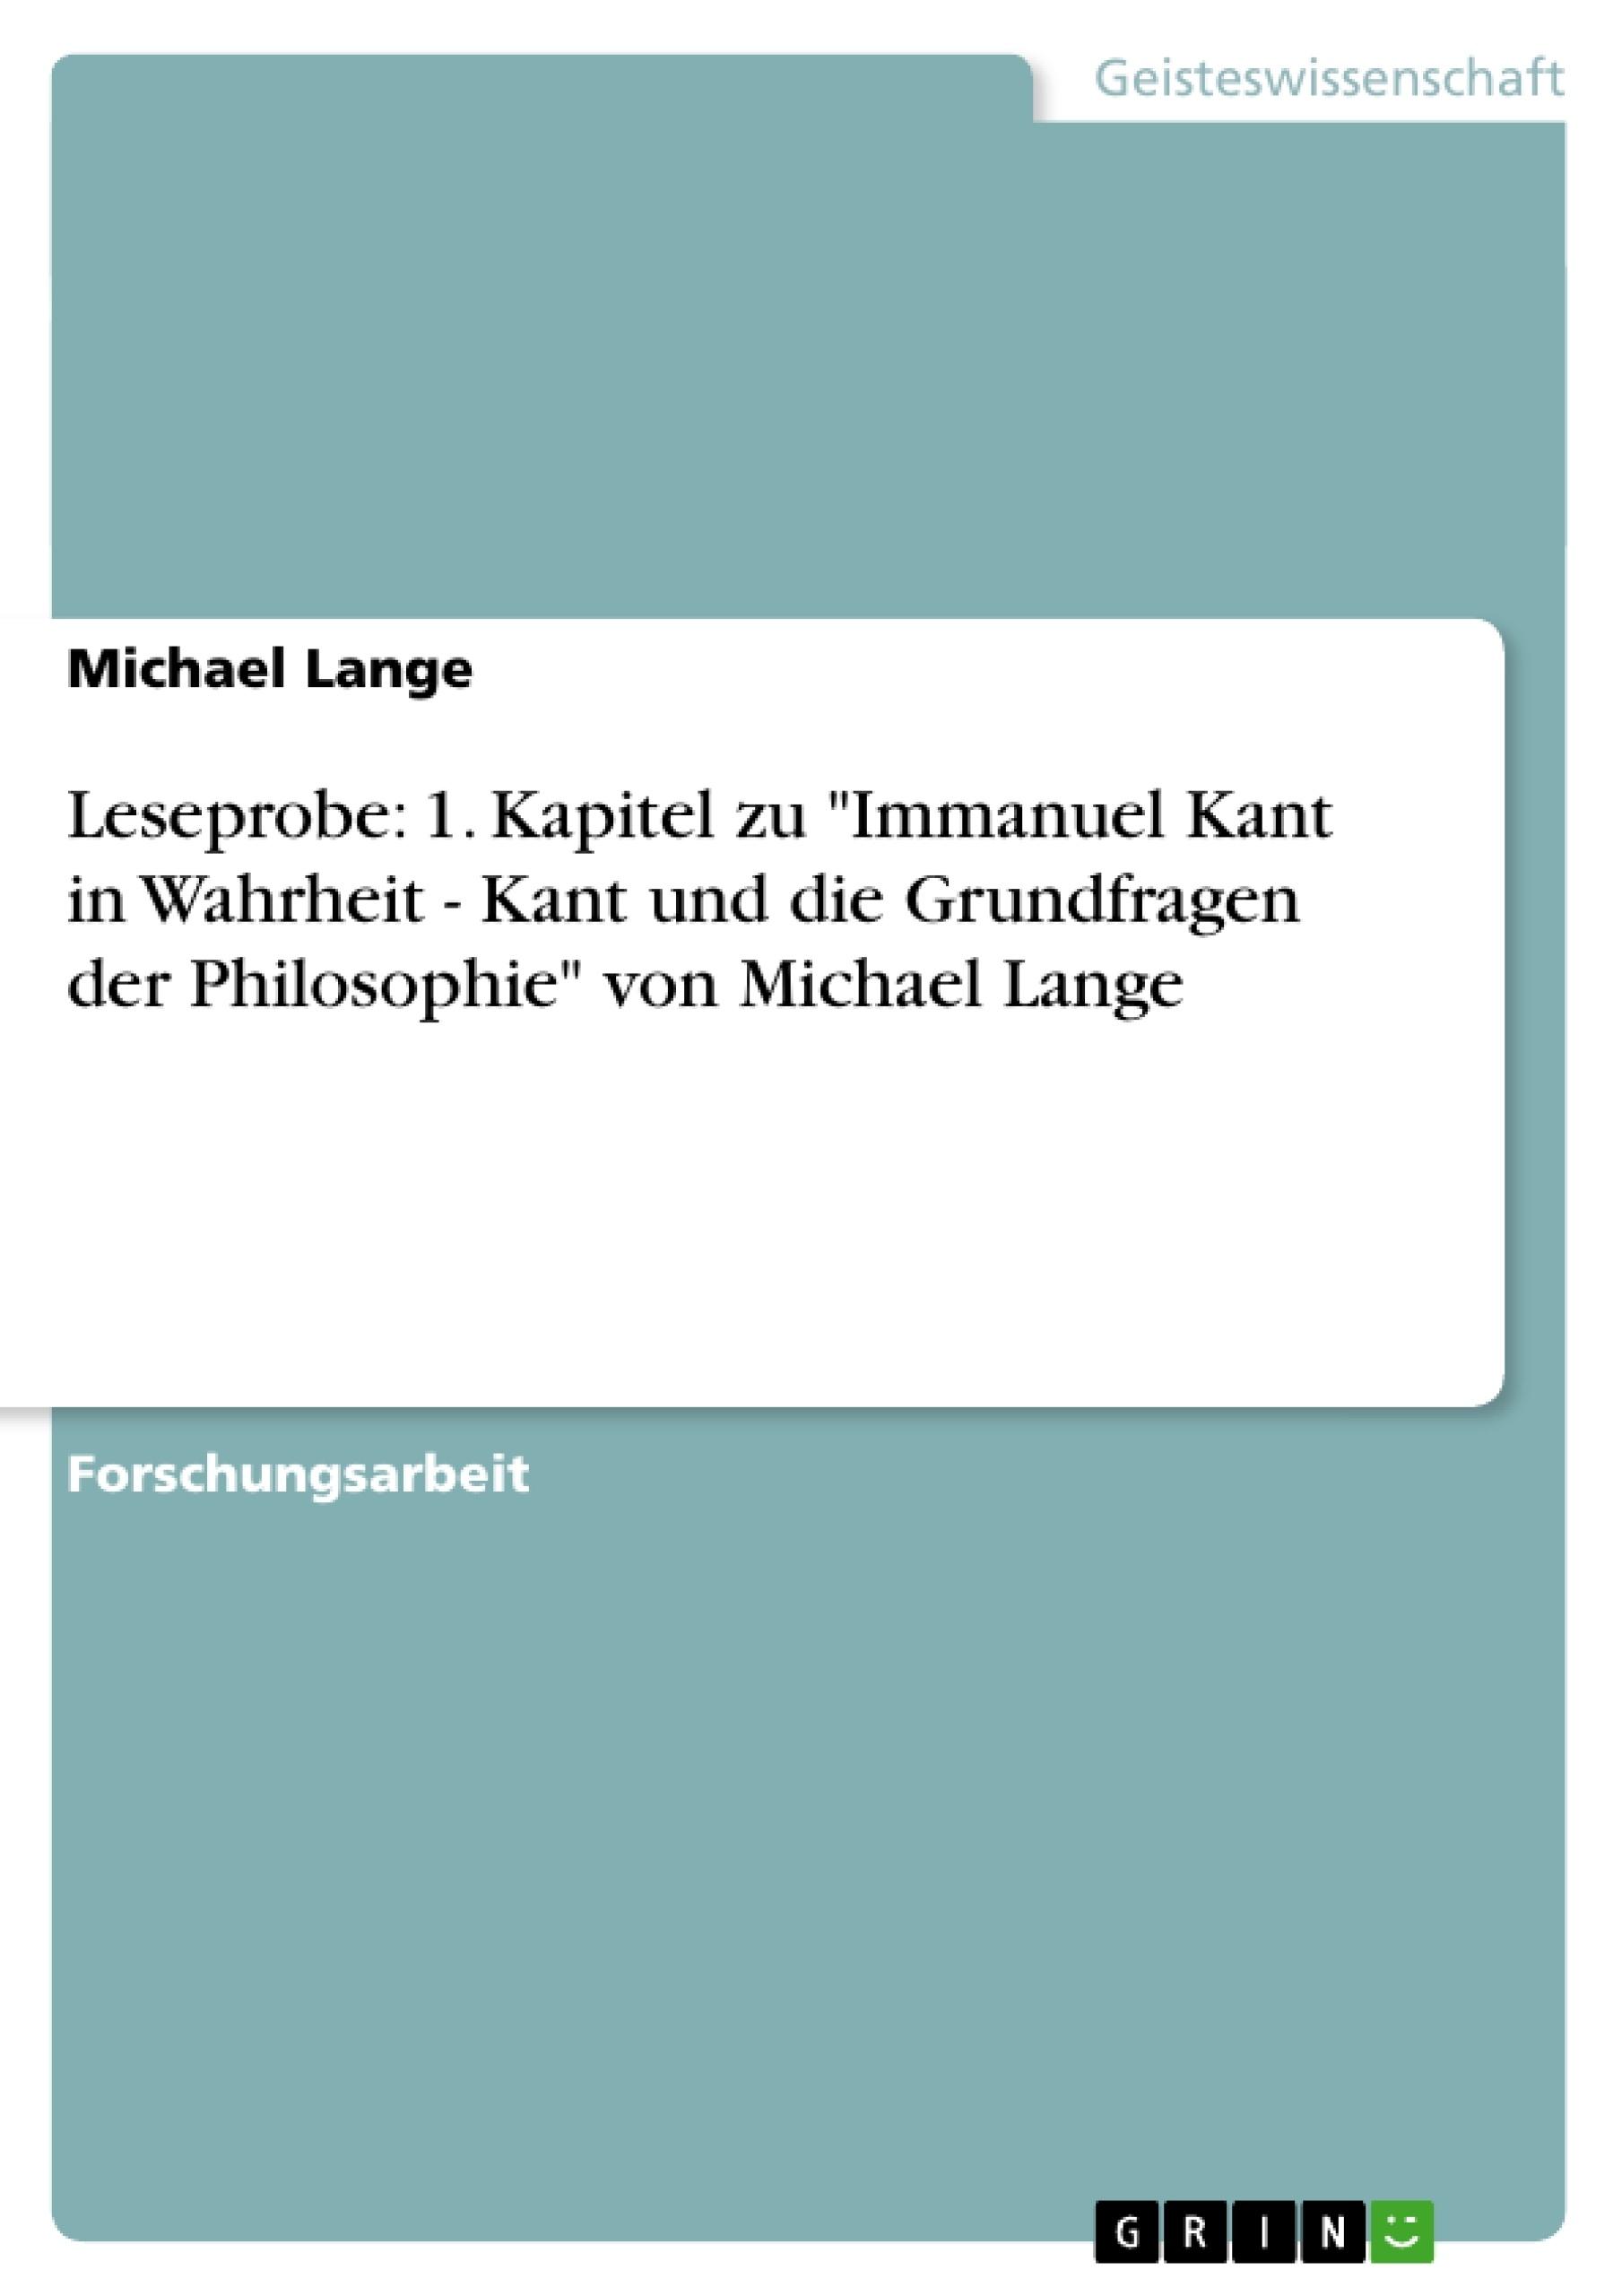 """Titel: Leseprobe: 1. Kapitel zu """"Immanuel Kant in Wahrheit - Kant und die Grundfragen der Philosophie"""" von Michael Lange"""